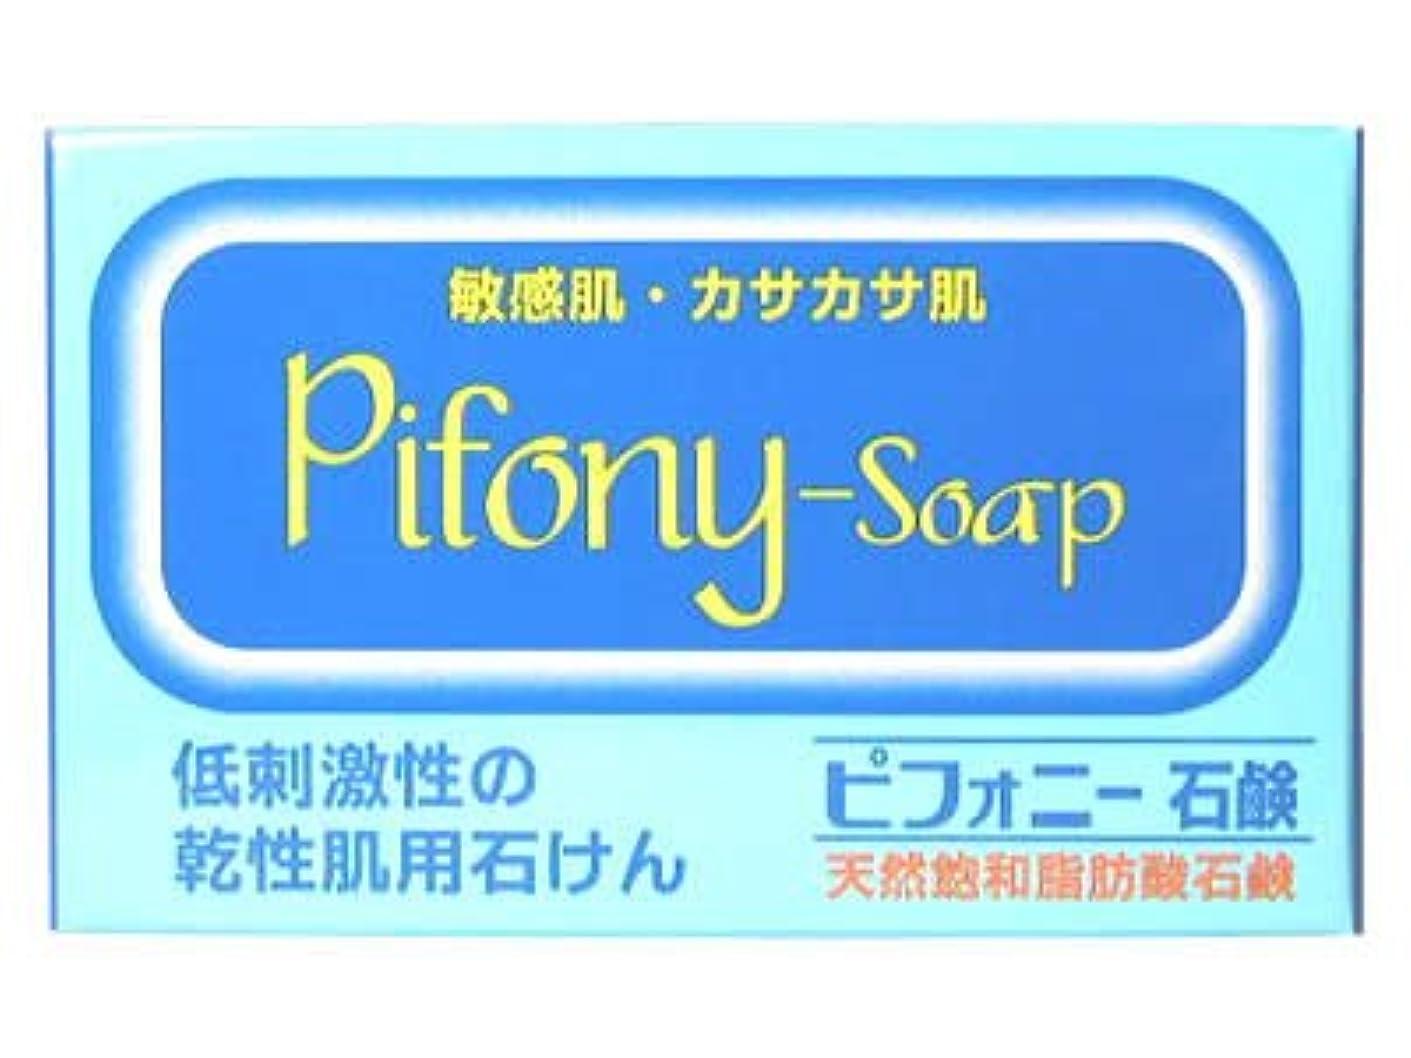 ピフォニー石鹸 100g